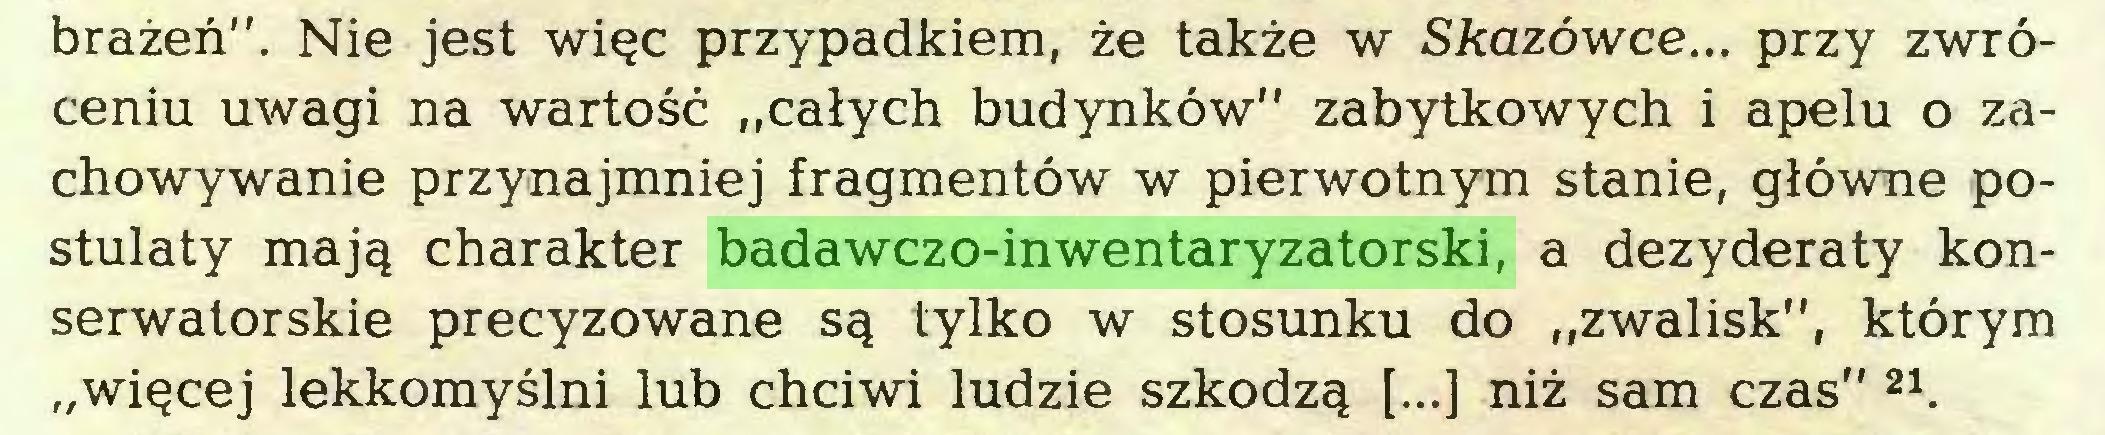 """(...) brażeń"""". Nie jest więc przypadkiem, że także w Skazówce... przy zwróceniu uwagi na wartość """"całych budynków"""" zabytkowych i apelu o zachowywanie przynajmniej fragmentów w pierwotnym stanie, główne postulaty mają charakter badawczo-inwentaryzatorski, a dezyderaty konserwatorskie precyzowane są tylko w stosunku do """"zwalisk"""", którym """"więcej lekkomyślni lub chciwi ludzie szkodzą [...] niż sam czas"""" 21..."""